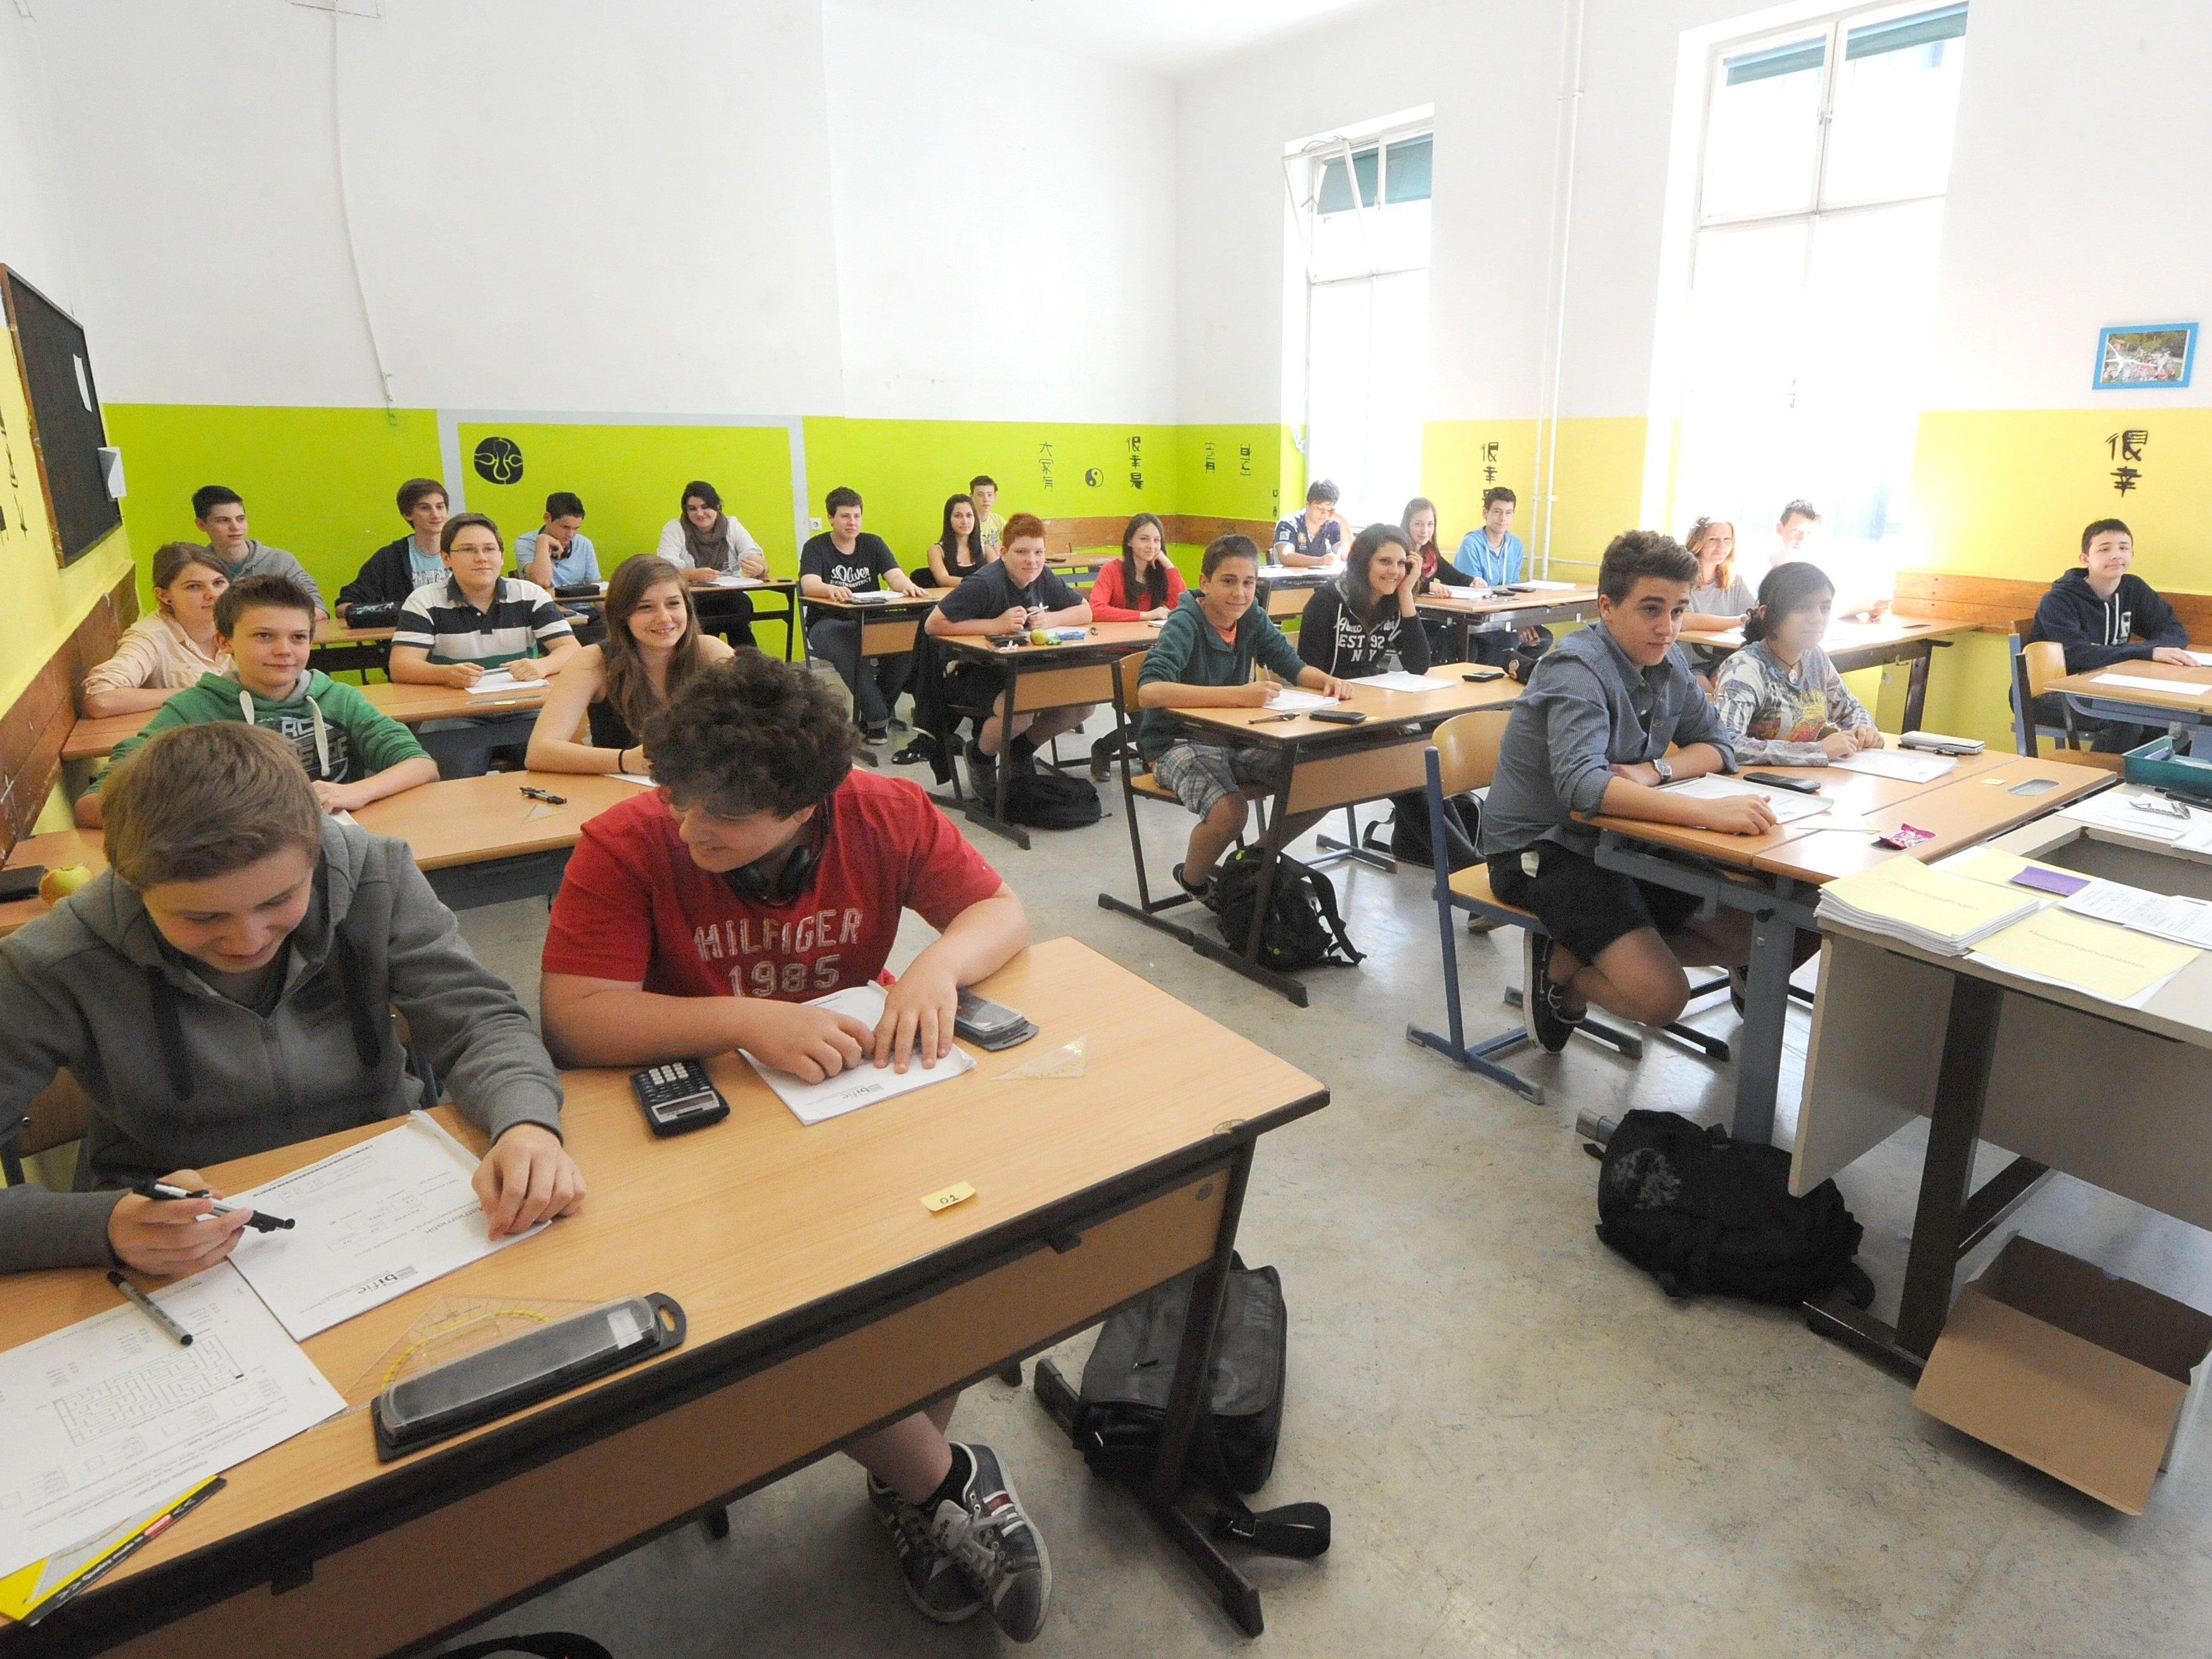 IV unterstützt Umsetzungsplan für Gesamtschule in Vorarlberg.